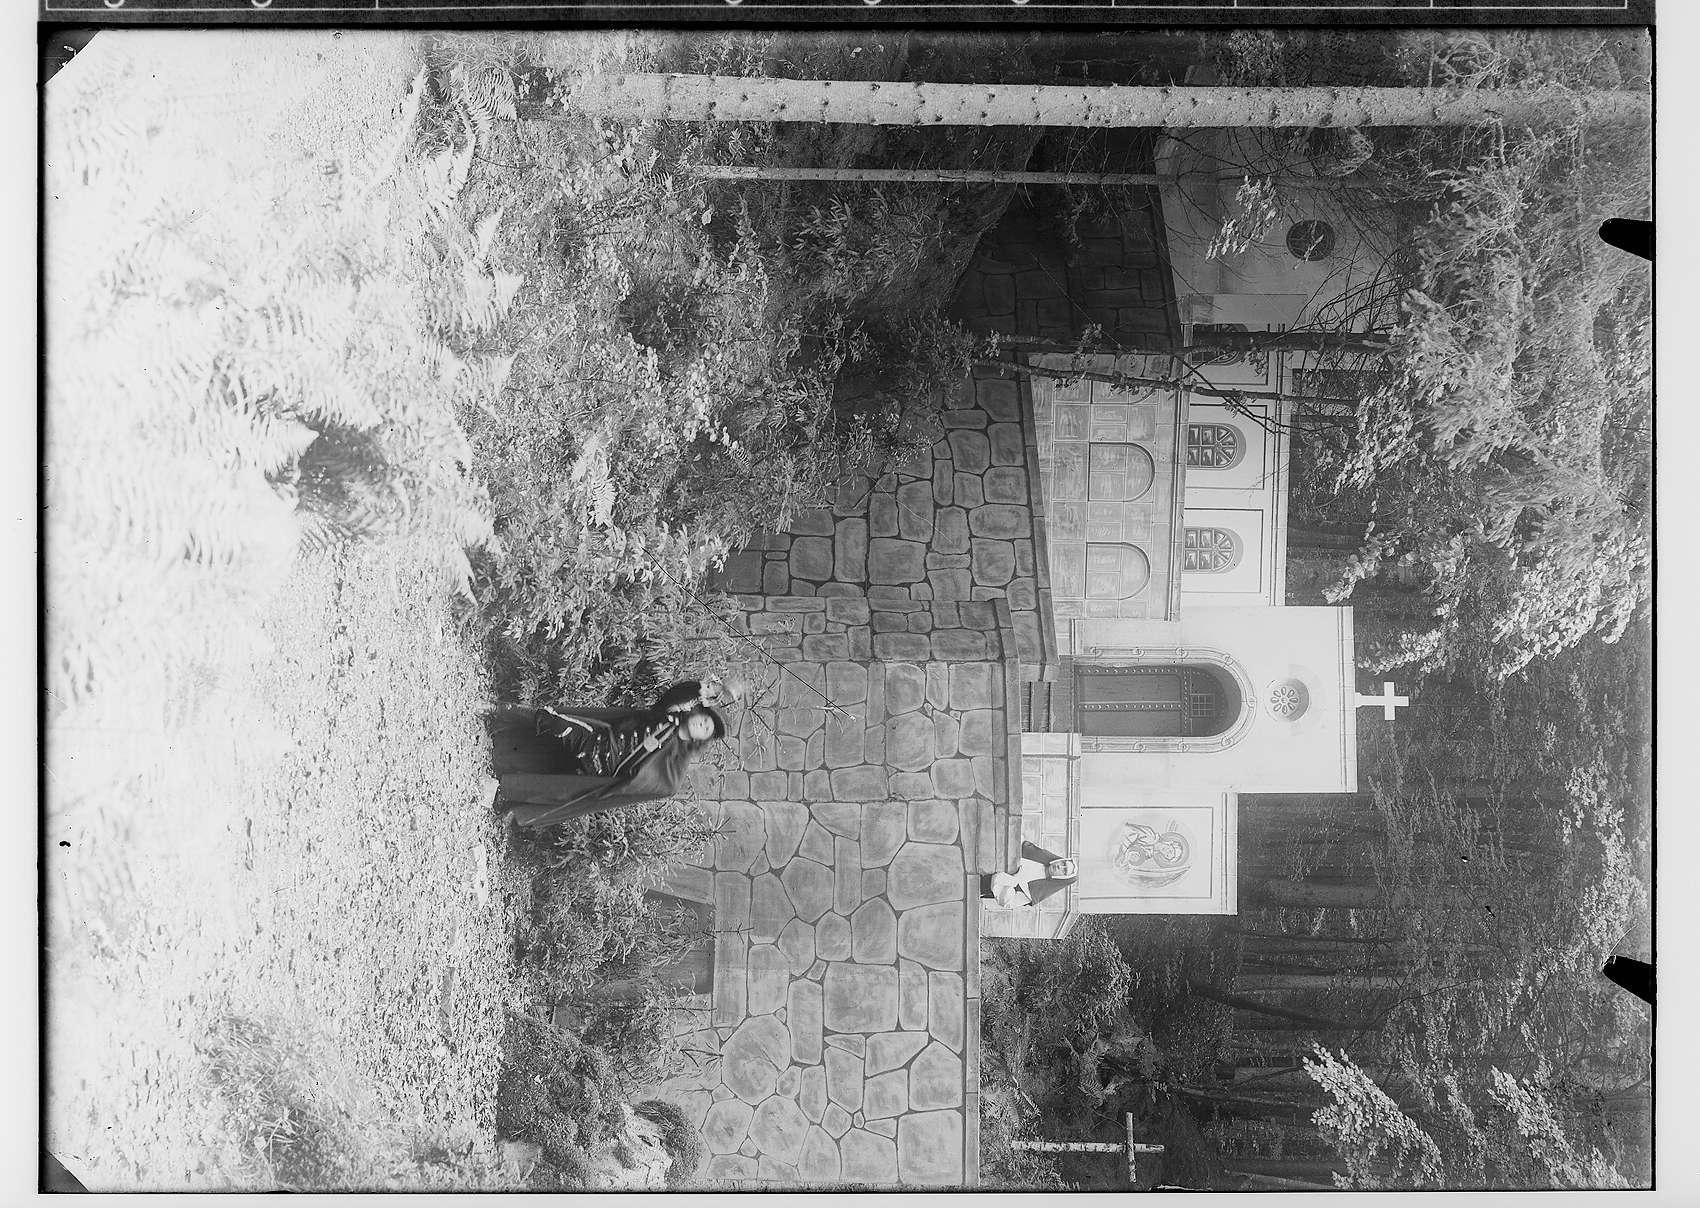 Waldbühne Sigmaringendorf - Die Andacht zum Kreuz (Pietro Calderun); Szenenbild, Bild 1